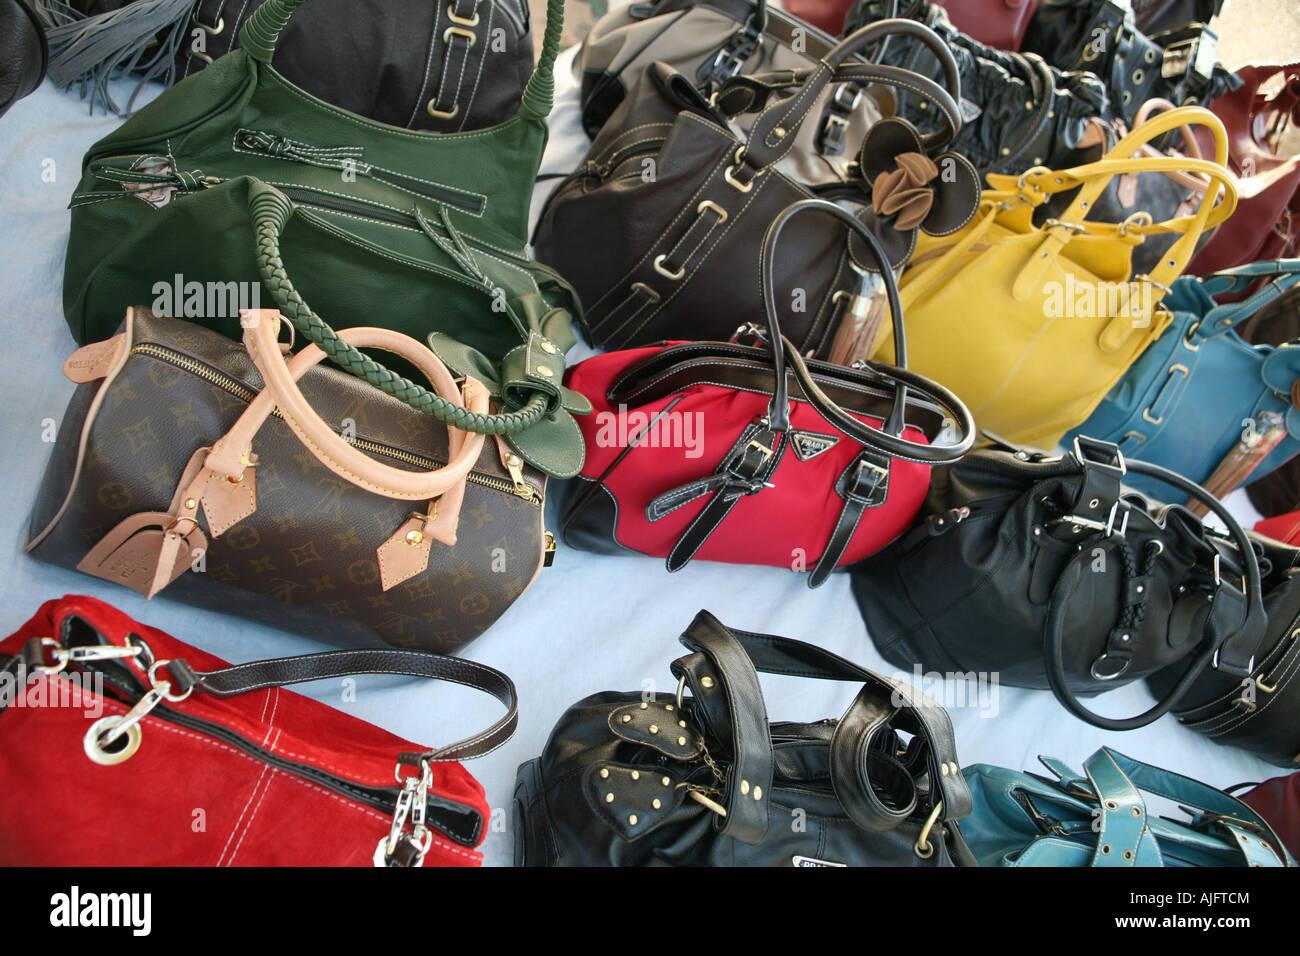 039e1c5a8d Contraffazione di designer borse in vendita a Alghero, Sardegna, Italia  Immagini Stock